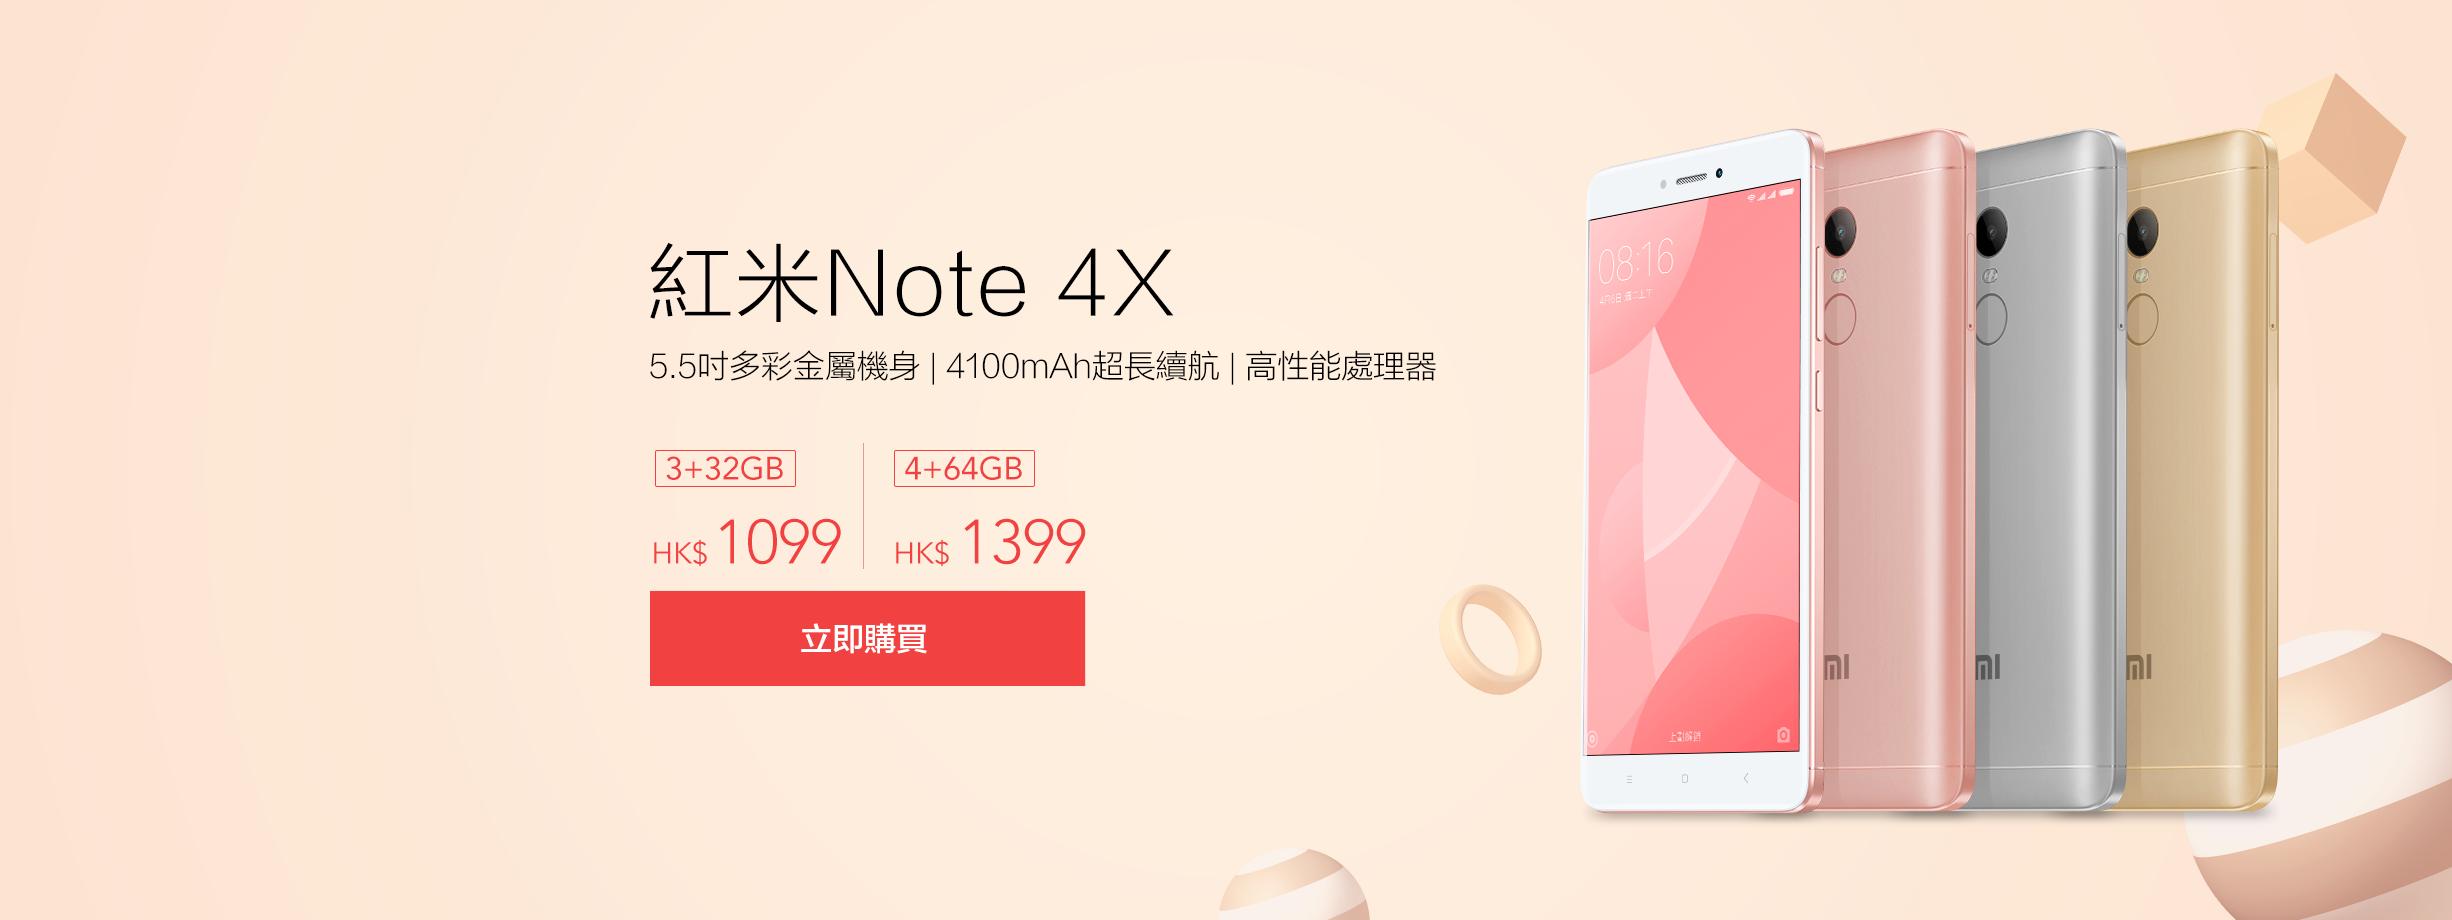 红米Note 4X开卖提示